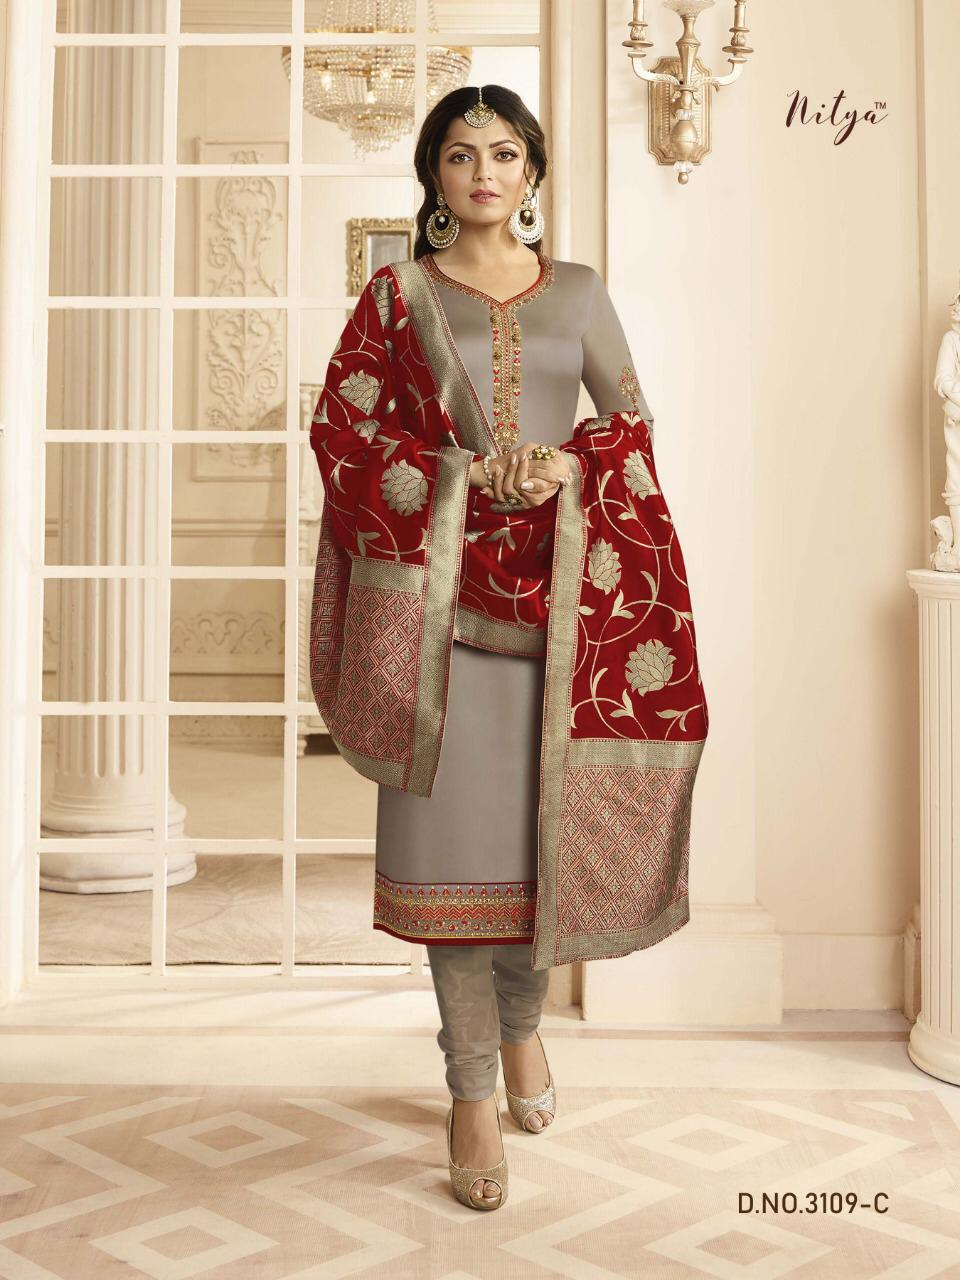 LT Fabrics Nitya 3109 C